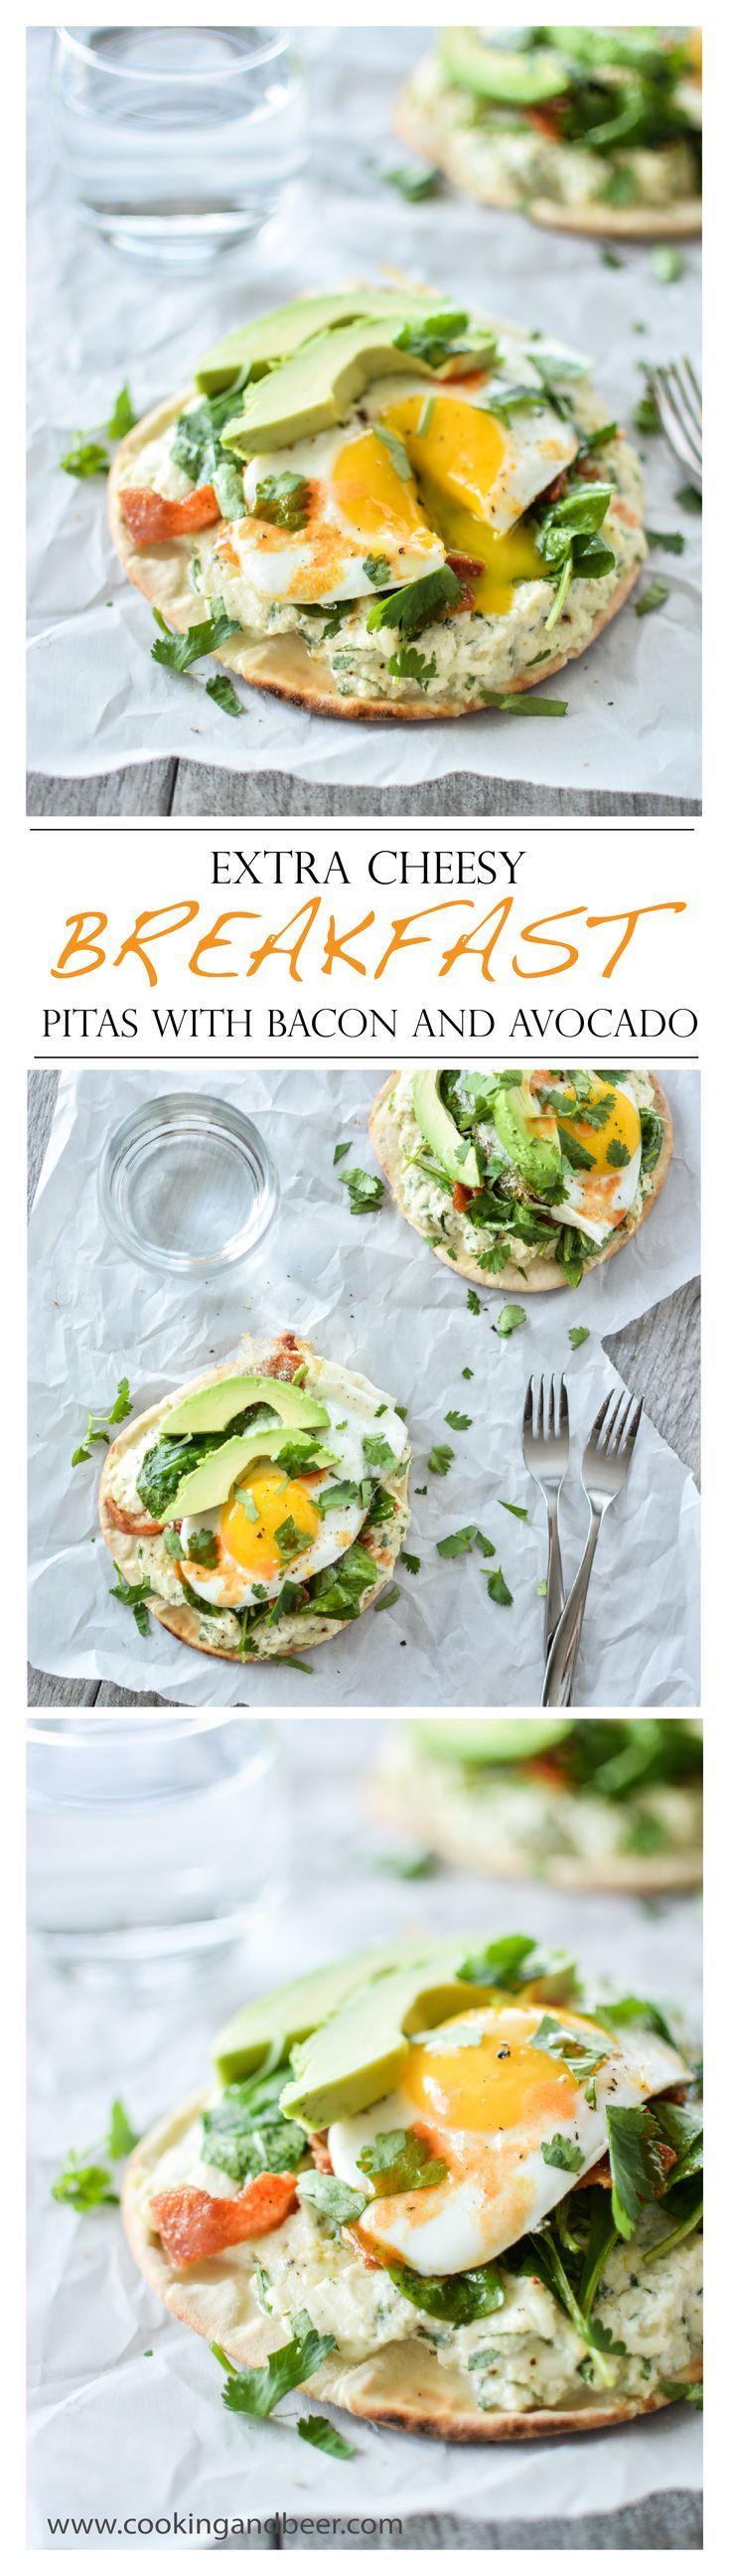 Extra Cheesy Breakfast Pitas with Bacon and Avocado